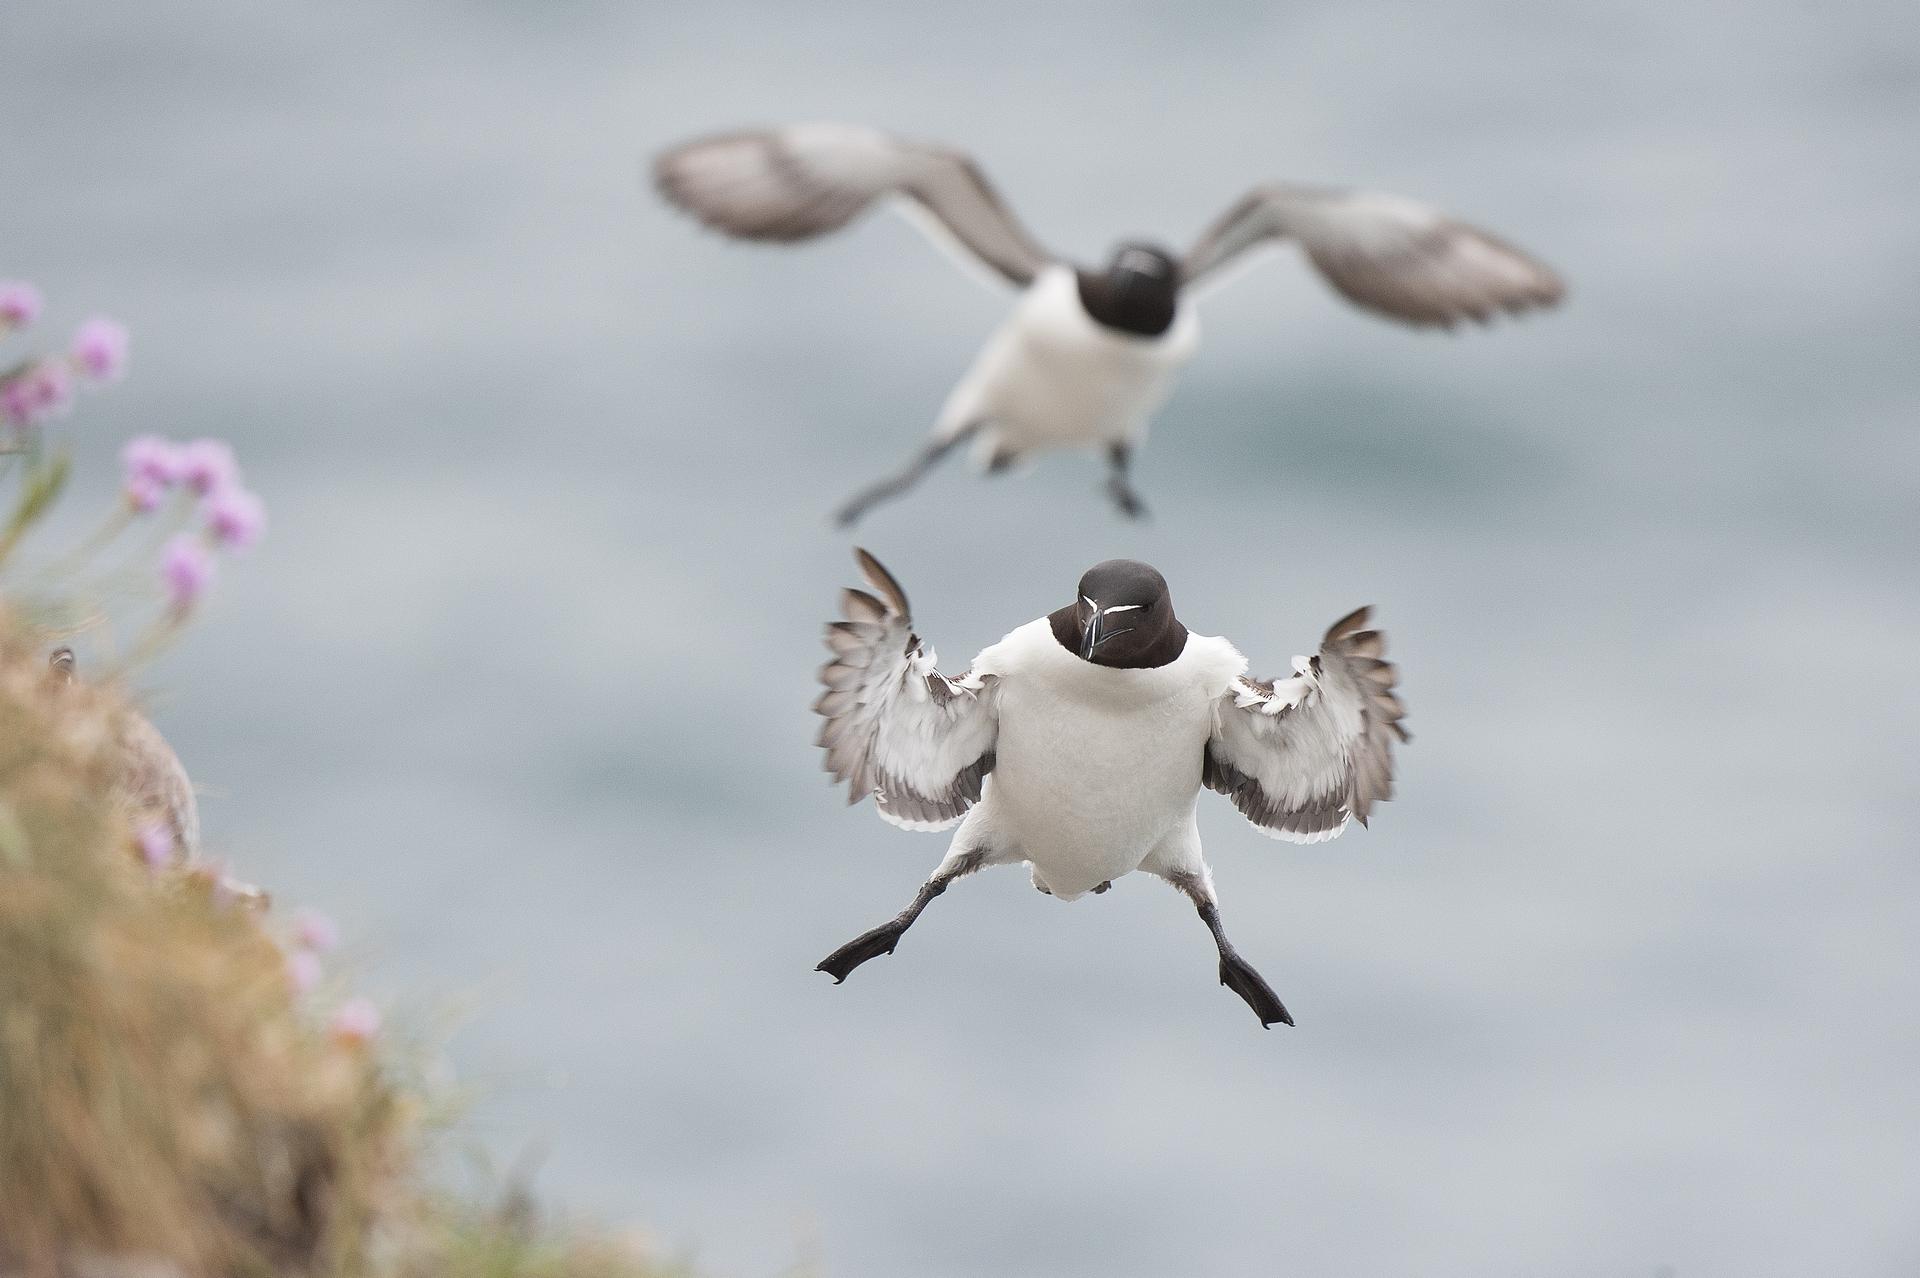 Pingouin Torda_Adam Michael